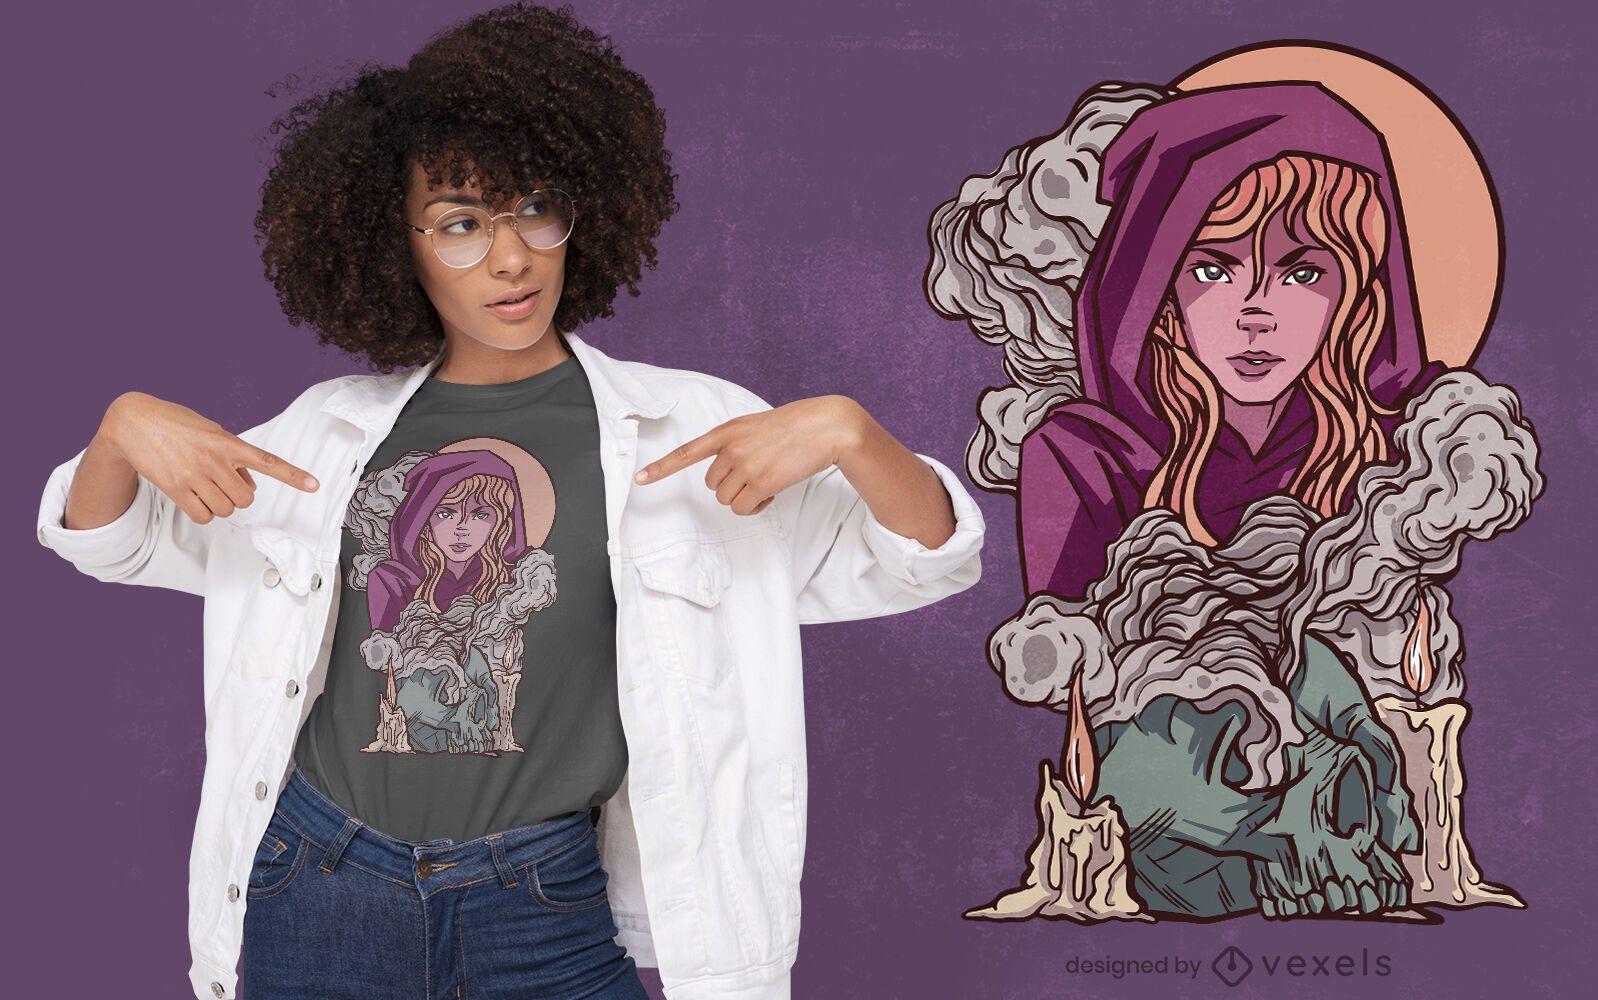 Dise?o de camiseta de fantas?a de ni?a bruja.